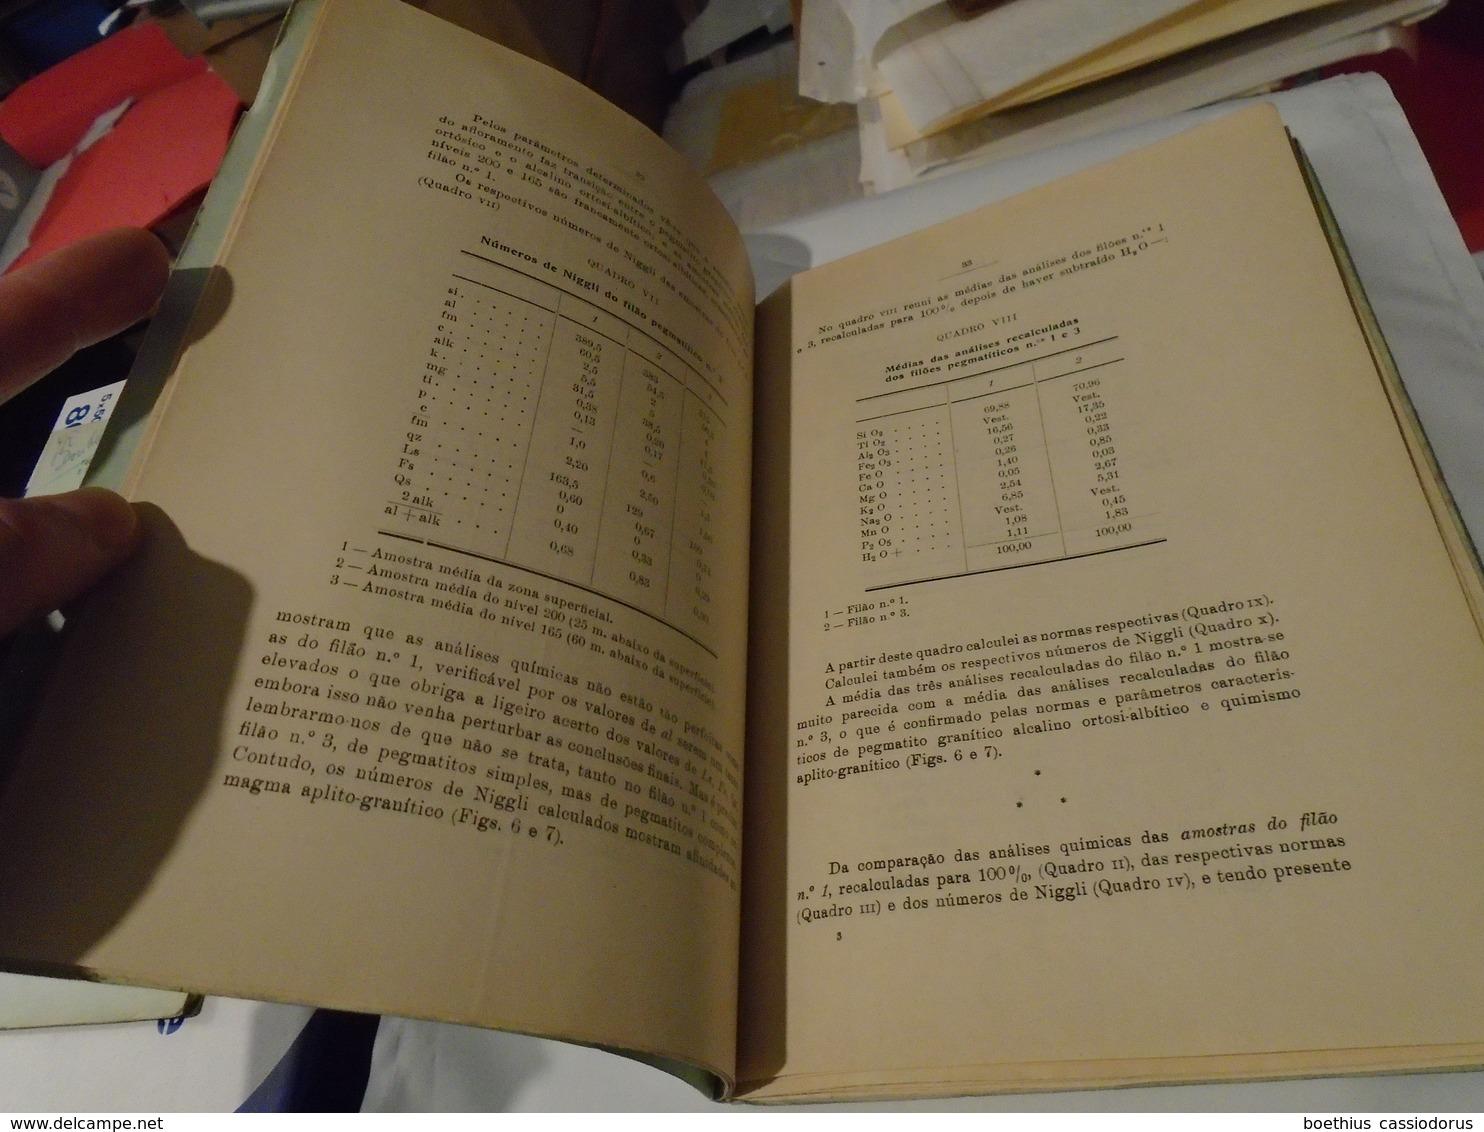 Museu E Laboratorio Mineralogico Geologico E Centro De Estudos Geologicos Universidade COÏMBRA. MEMORIAS NOTICIAS 36 - Livres, BD, Revues